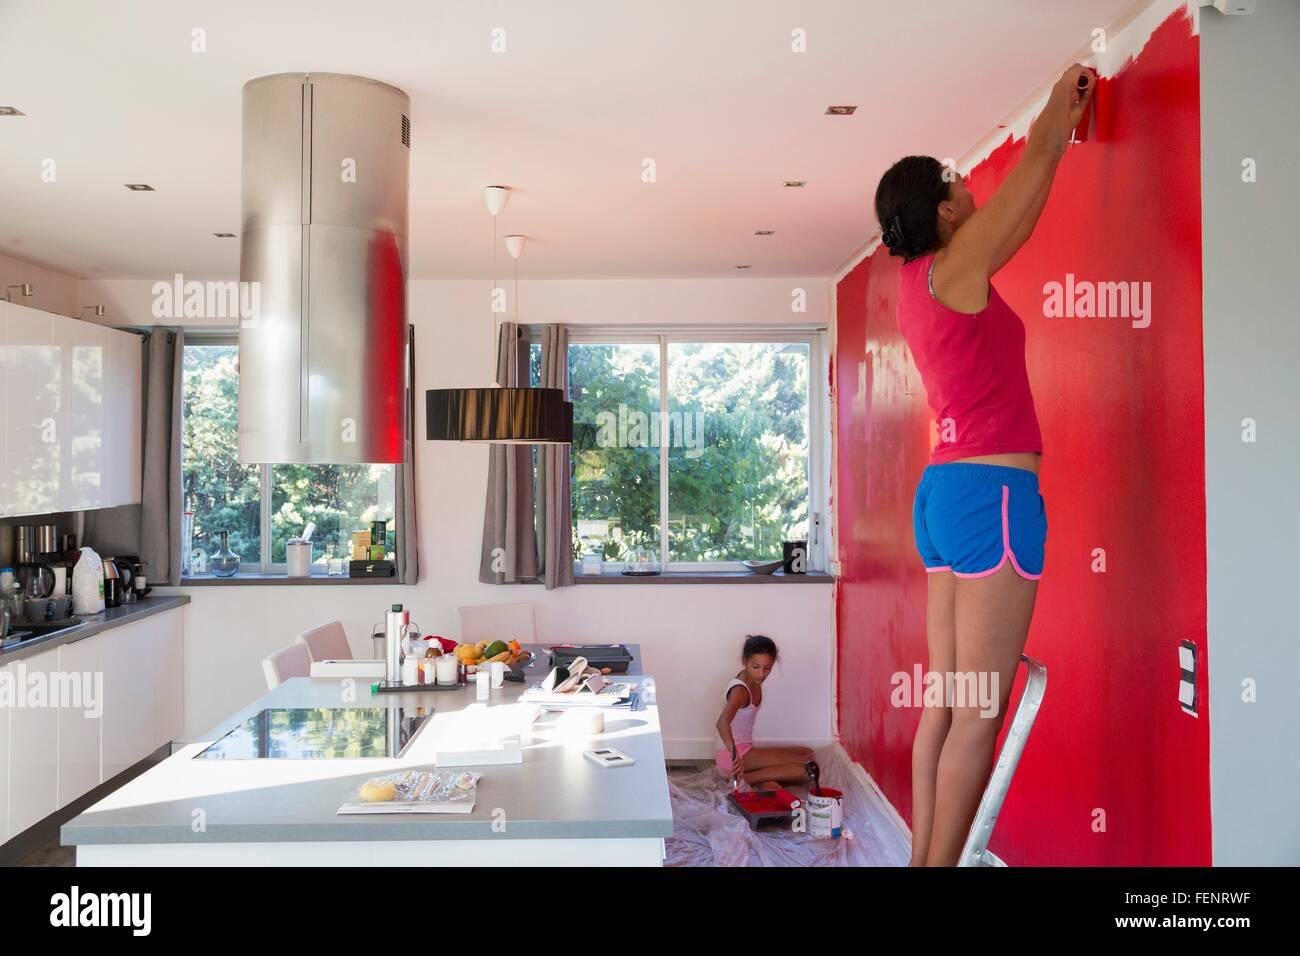 Ragazza madre e pittura parete cucina rosso con rulli di vernice ...